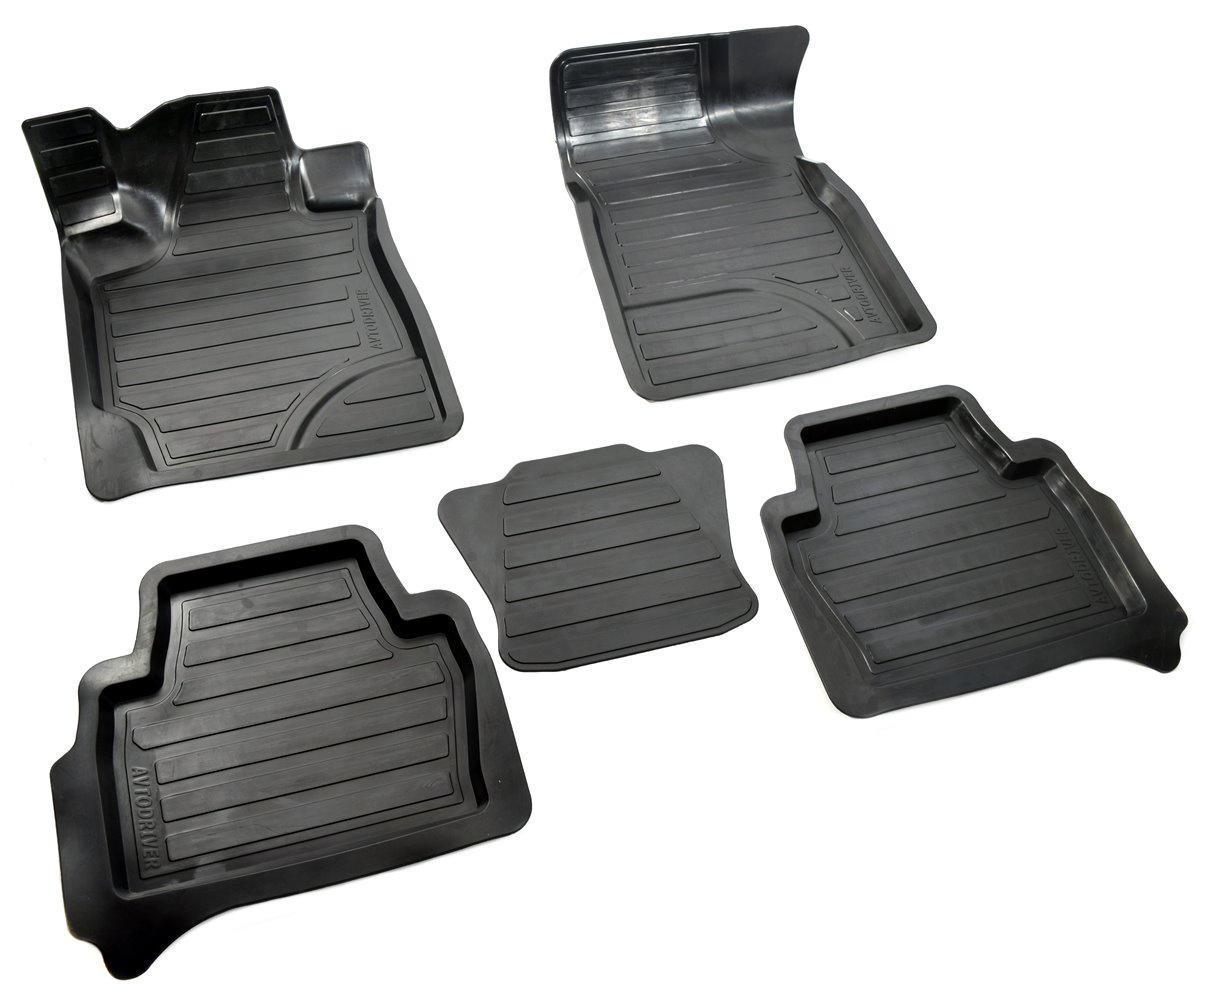 Коврики в салон автомобиля Avtodriver, для Toyota Highlander, 2007-2014, ADRAVG162, резиновые, с бортиком, черный комплект подкрылок с шумоизоляцией toyota nls48 58000 для toyota highlander 2017